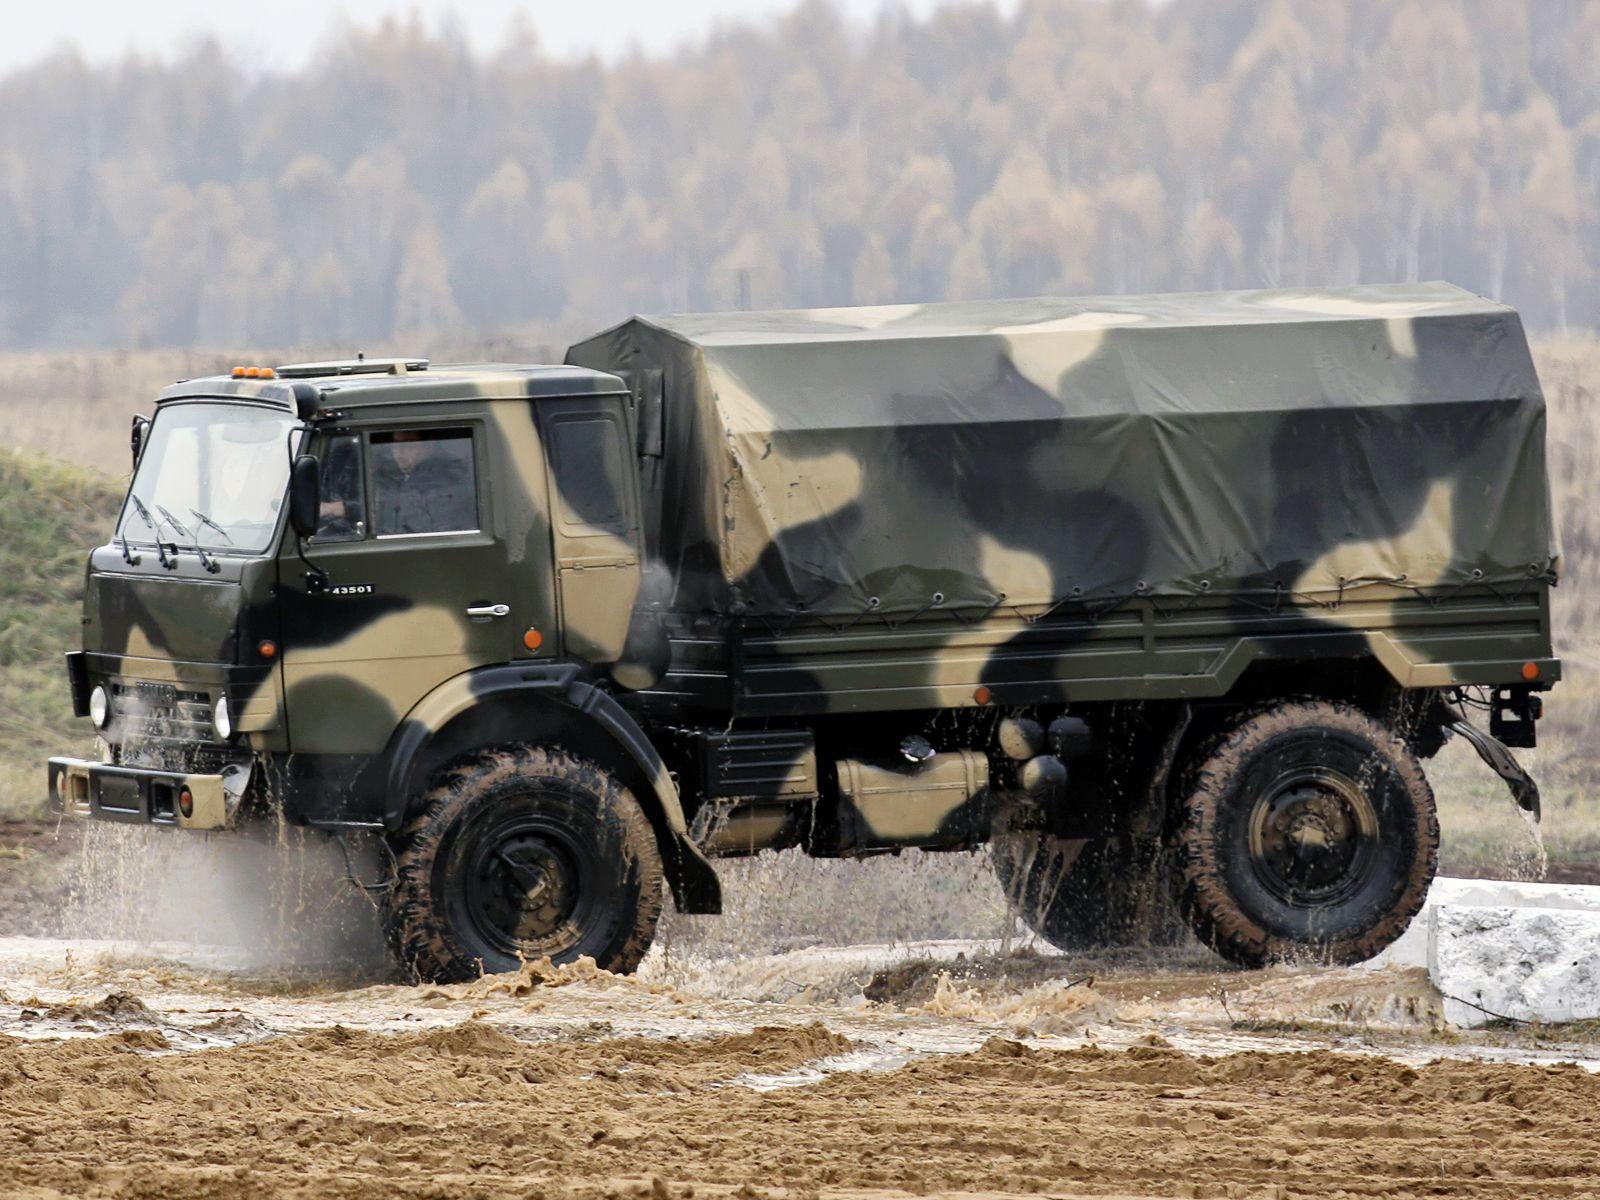 фото военного автомобиля камаз показала